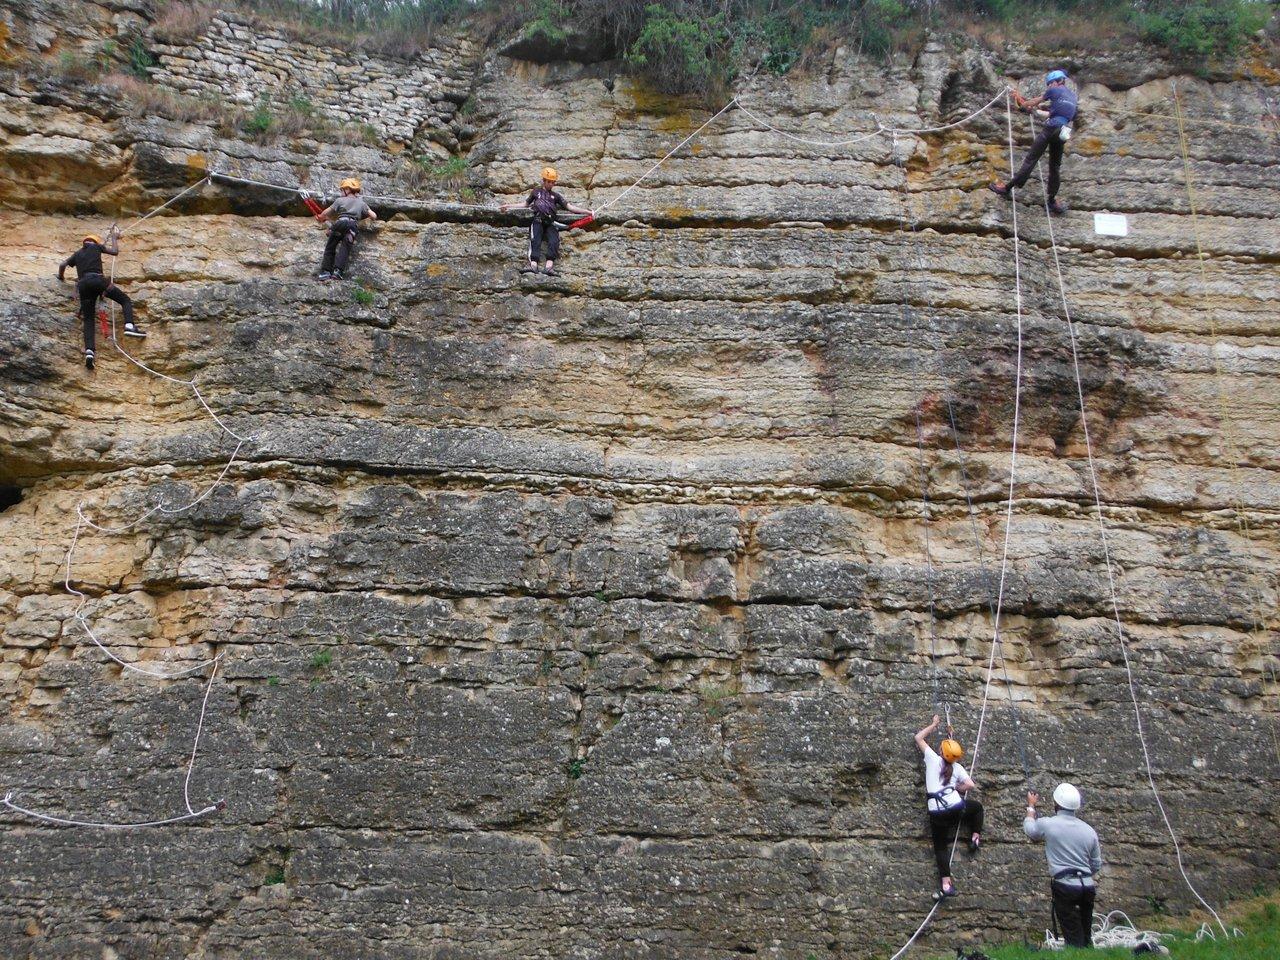 Via cordata à l'école d'escalade de Limas près de Lyon